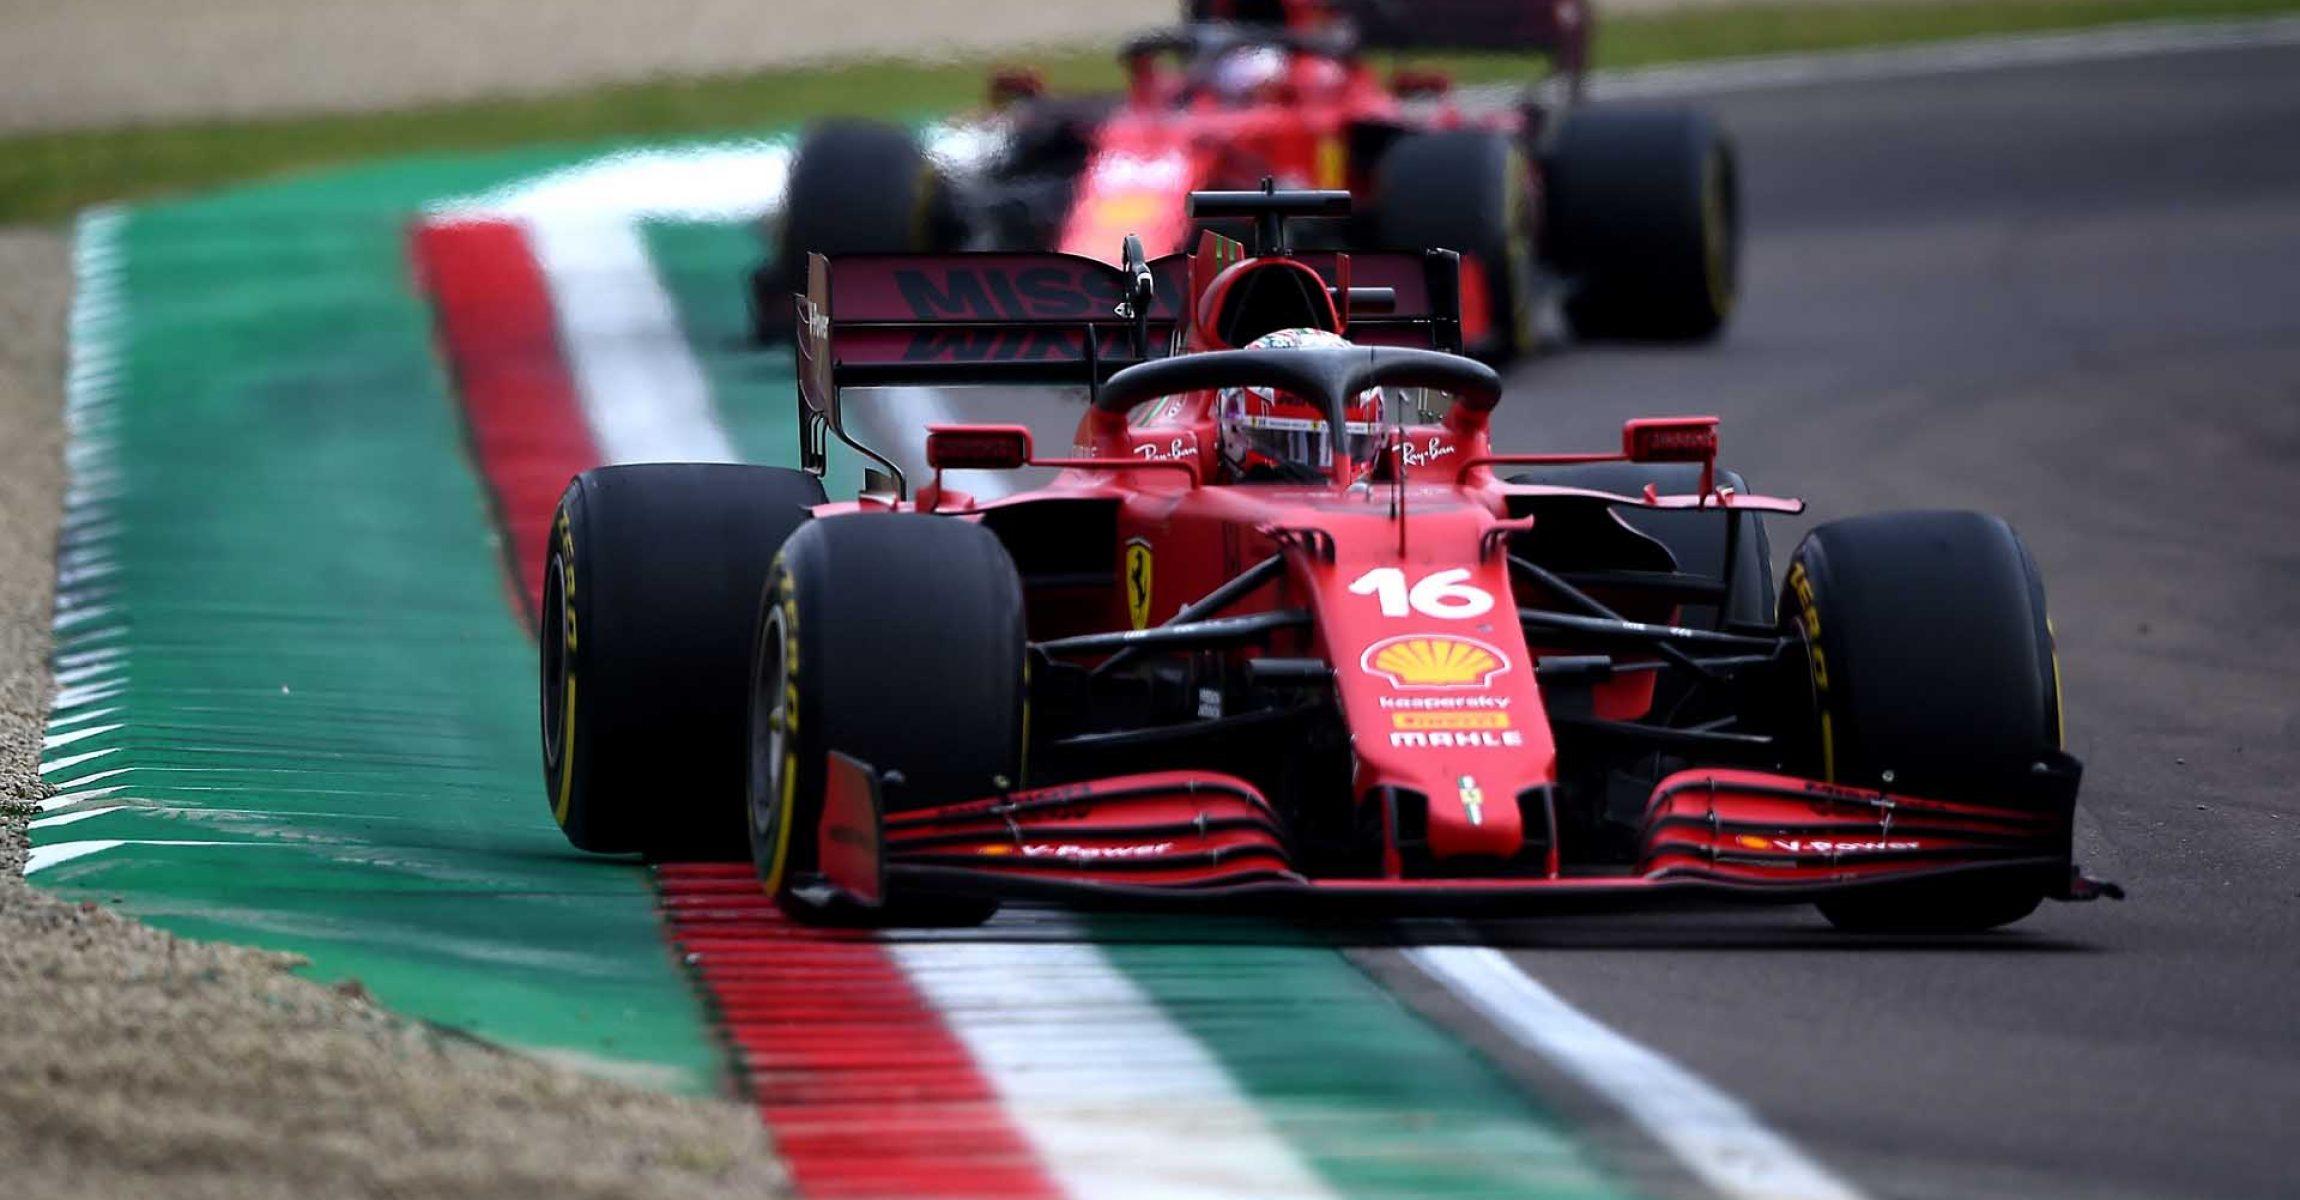 GP DELL'EMILIA ROMAGNA  F1/2021 - DOMENICA 18/04/2021 credit: @Scuderia Ferrari Press Office Charles Leclerc Carlos Sainz Ferrari